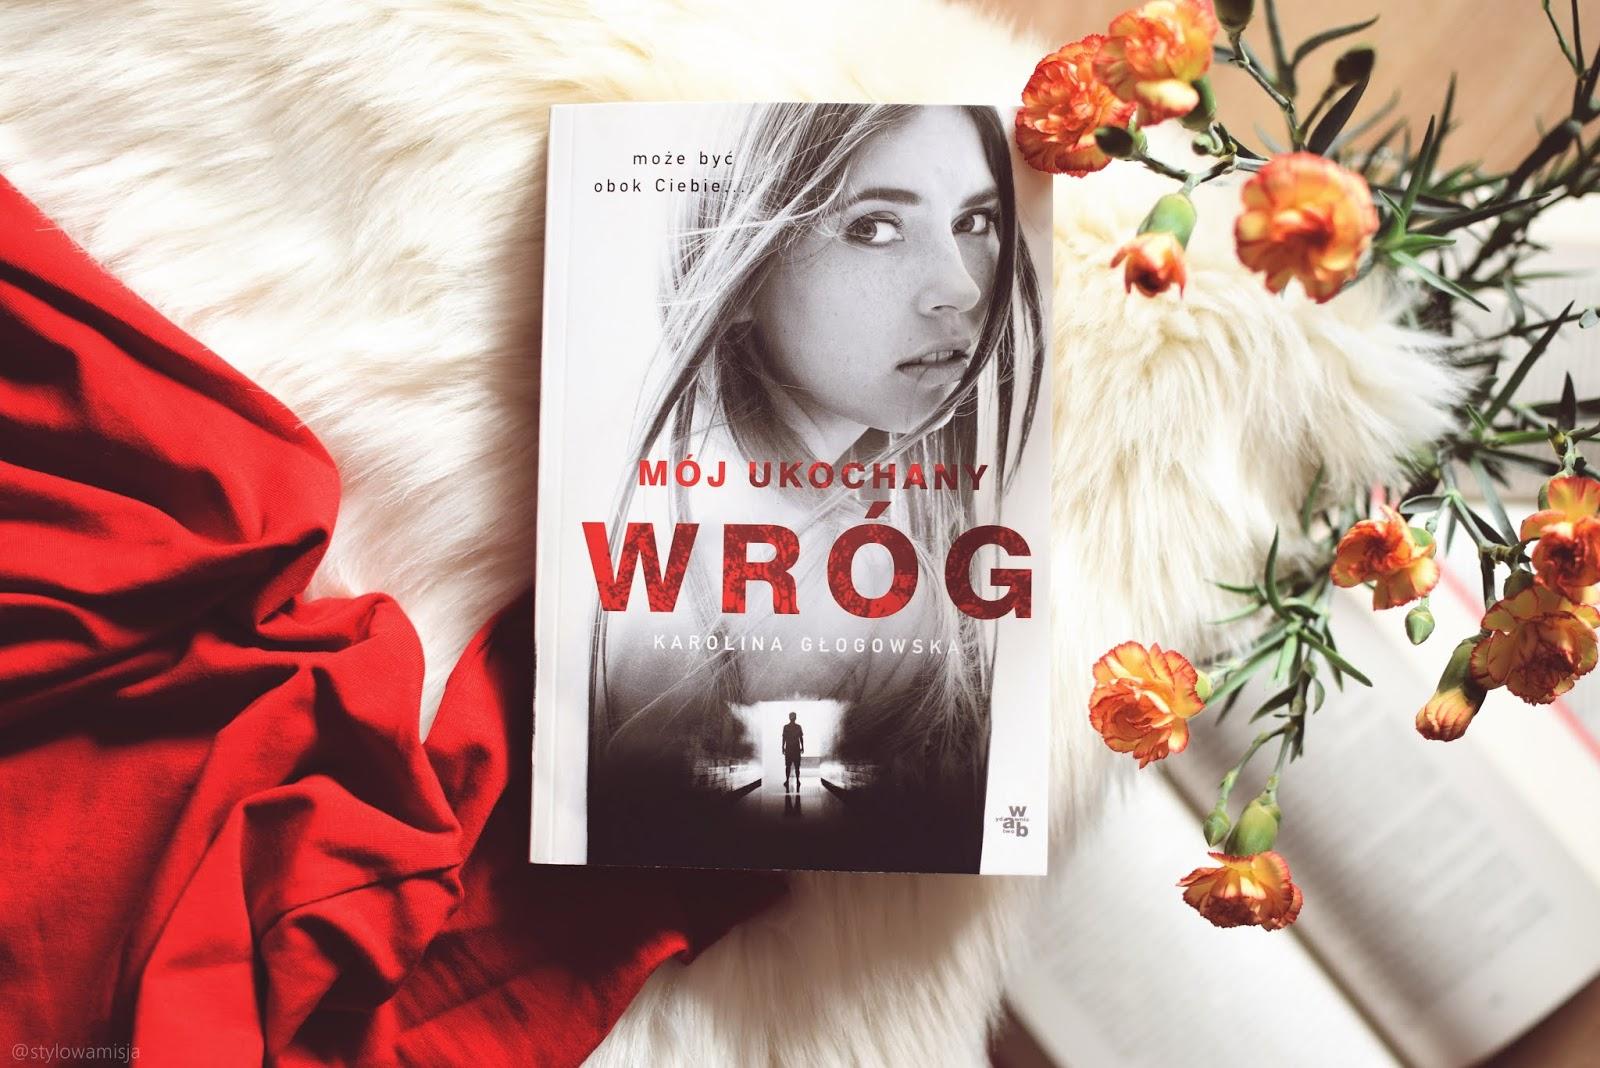 KarolinaGłogowska, kryminał, MójUkochanyWróg, opowiadanie, przedpremierowo, recenzja, sensacja, stalker, thriller, toksycznamiłość, WydawnictwoWab,